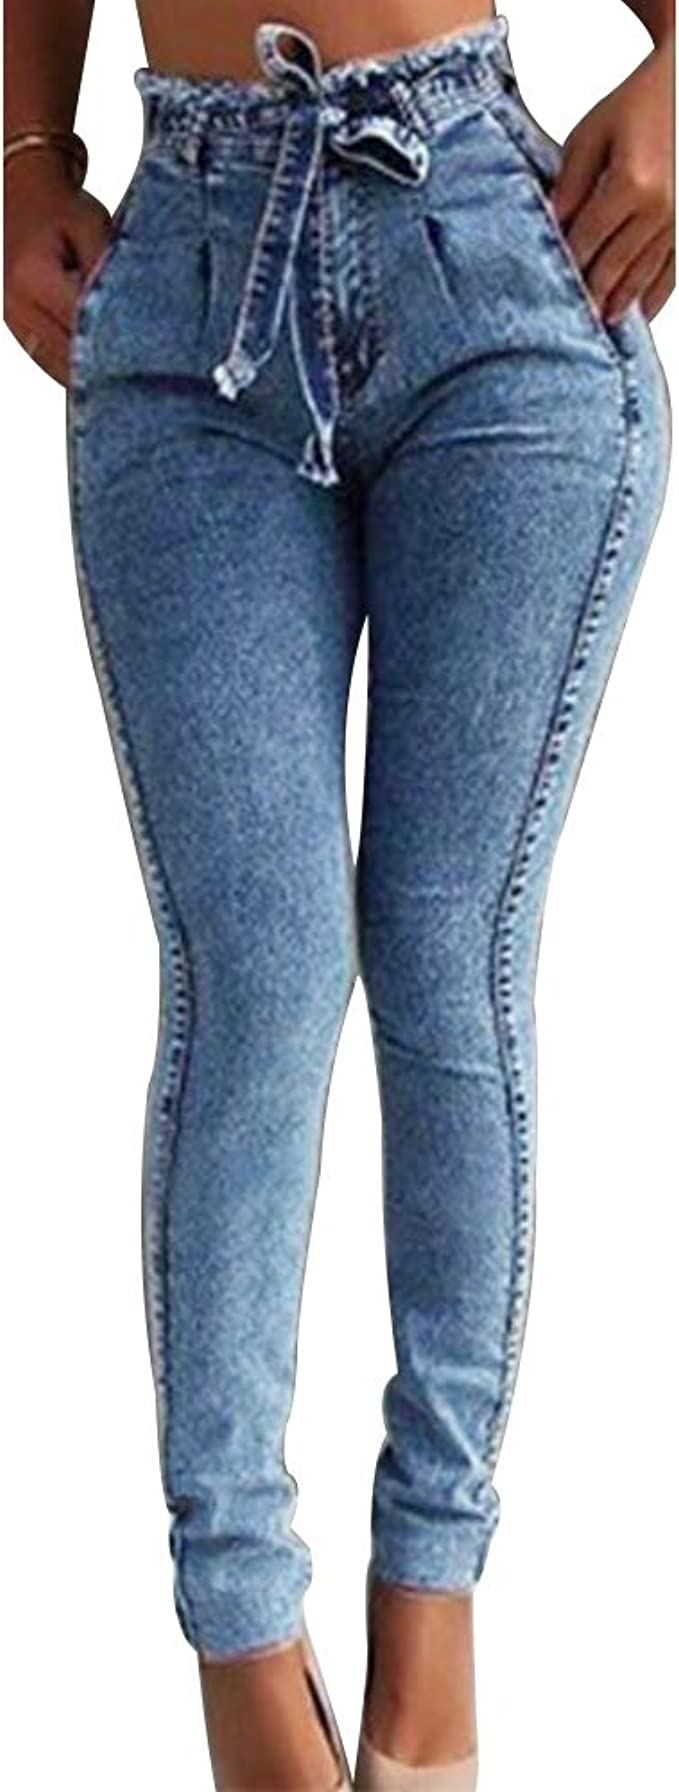 Mibuy Leggings Vaqueros Pantalones Para Mujeres 2020 Cintura Alta Ajustados Tallas Grandes Push Up De Mezclilla Delgado Jeans Skinny Slim Stretch Pantalones Largo Mujer Mujer Pantalones Y Pantalones Cortos